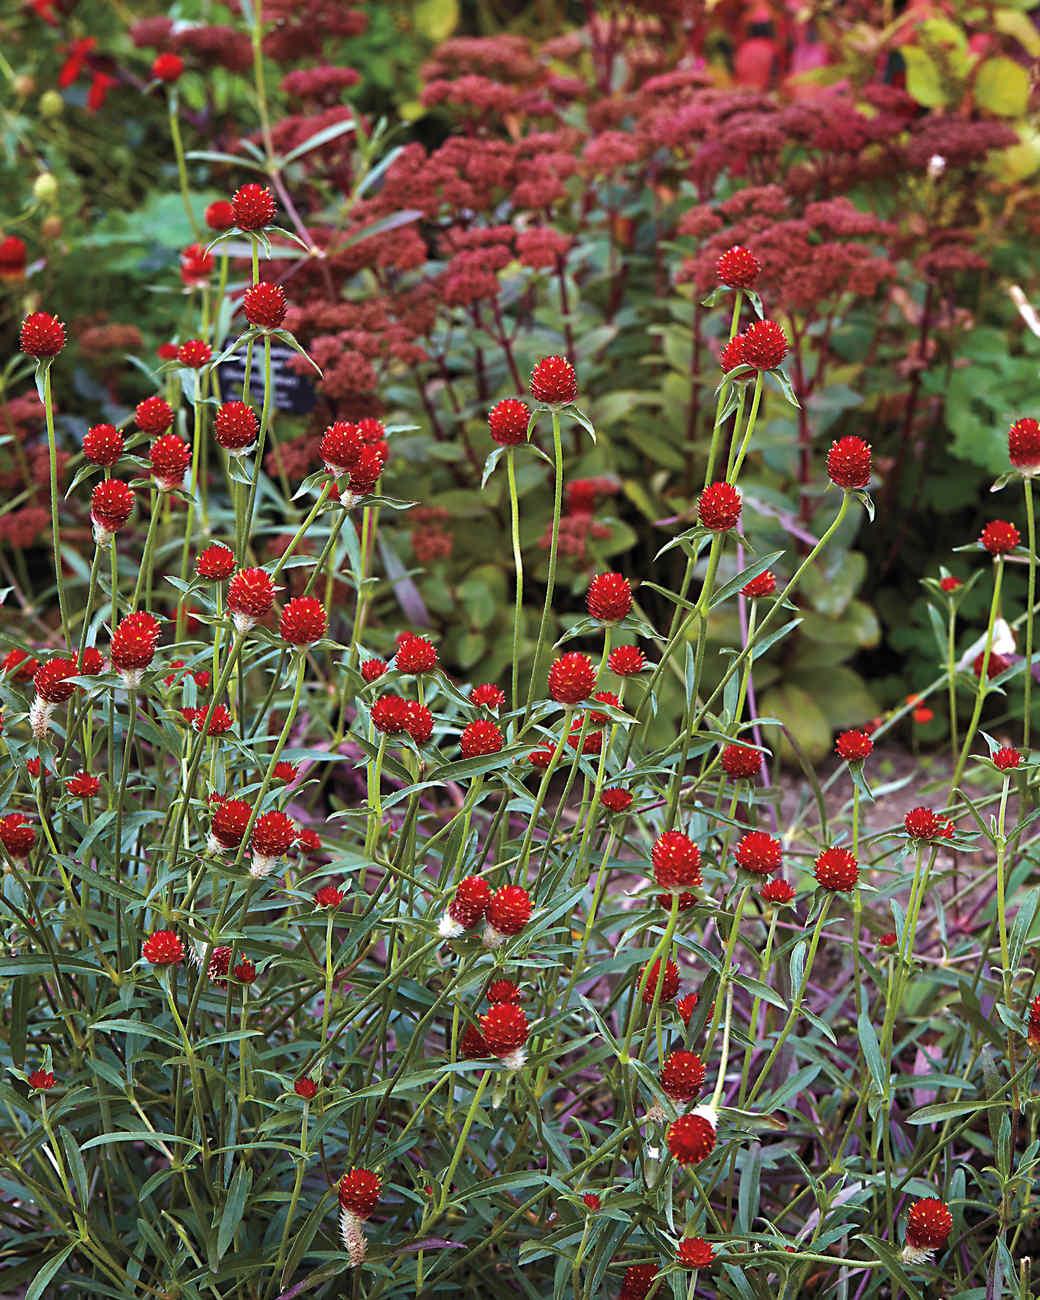 redflowers-md110341.jpg